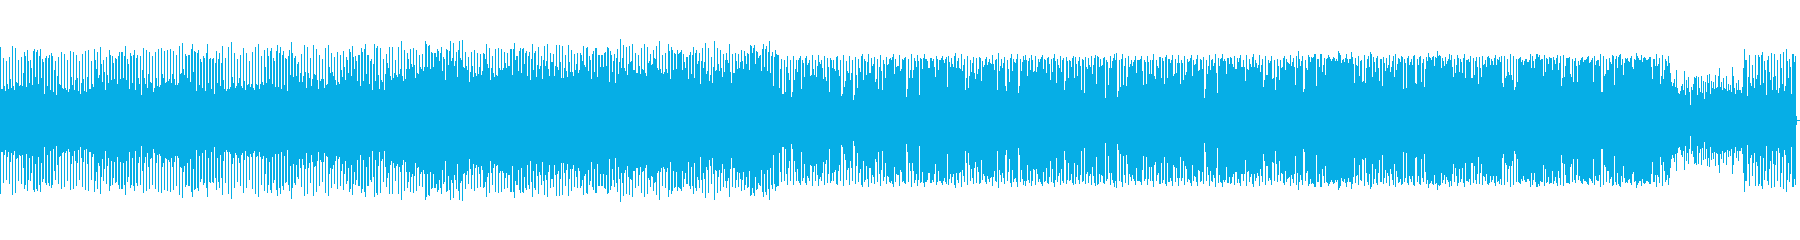 電波をイメージしたピコピコ音楽の再生済みの波形